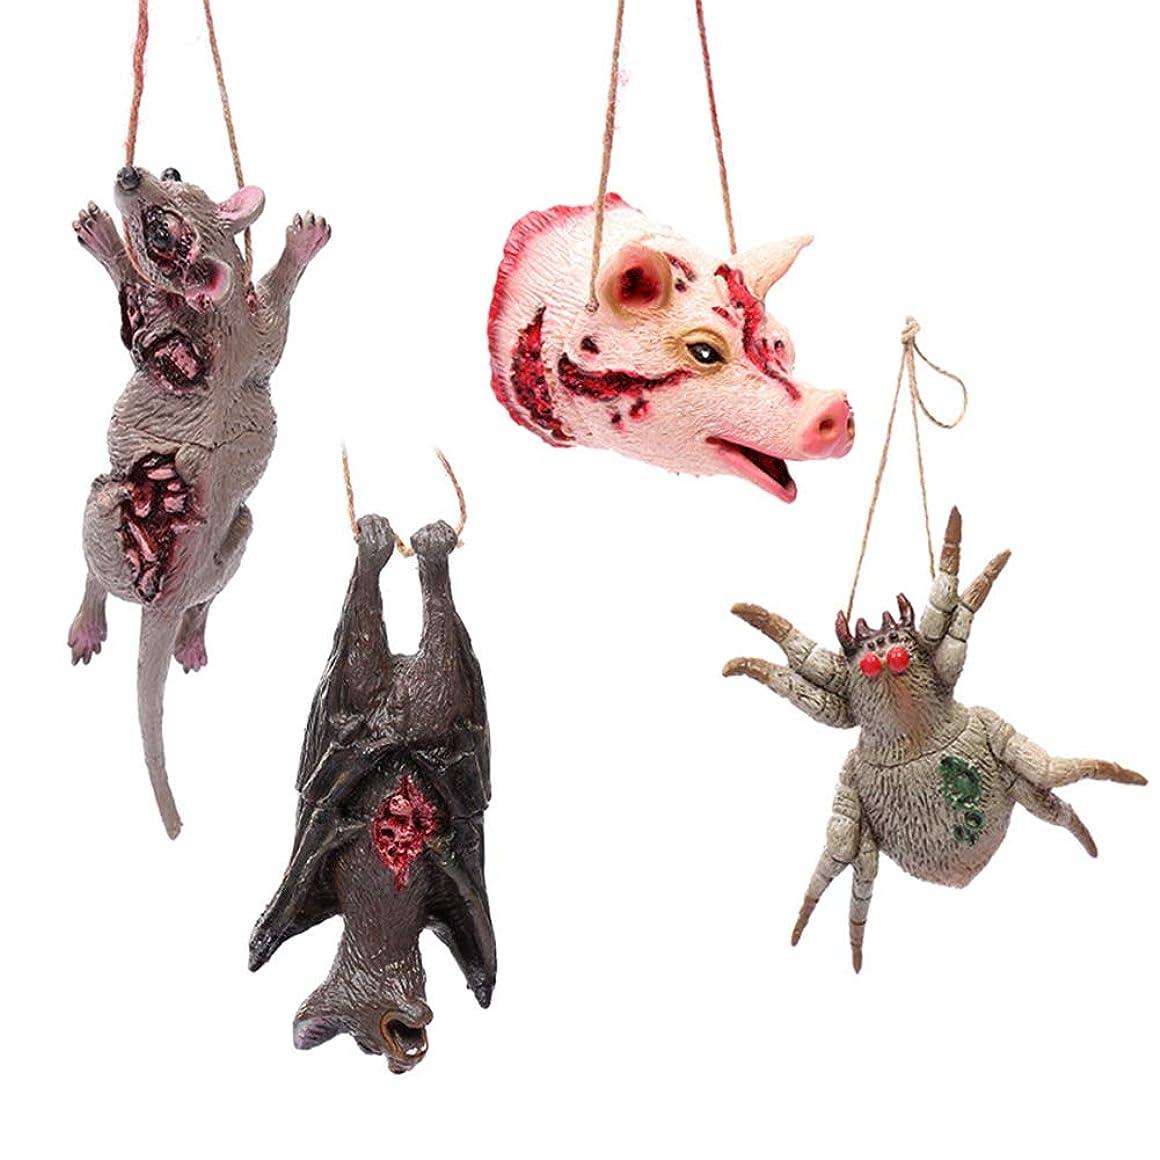 全体比べるアンビエントMoobom 豚の頭 マウス くも コウモリ ハロウインゲッズ ハロウイン飾り 幽霊コスプレ 吊りしけ お化け屋敷 学園祭 文化祭 パーティー クリスマス ホラーゲッズ 4点セット